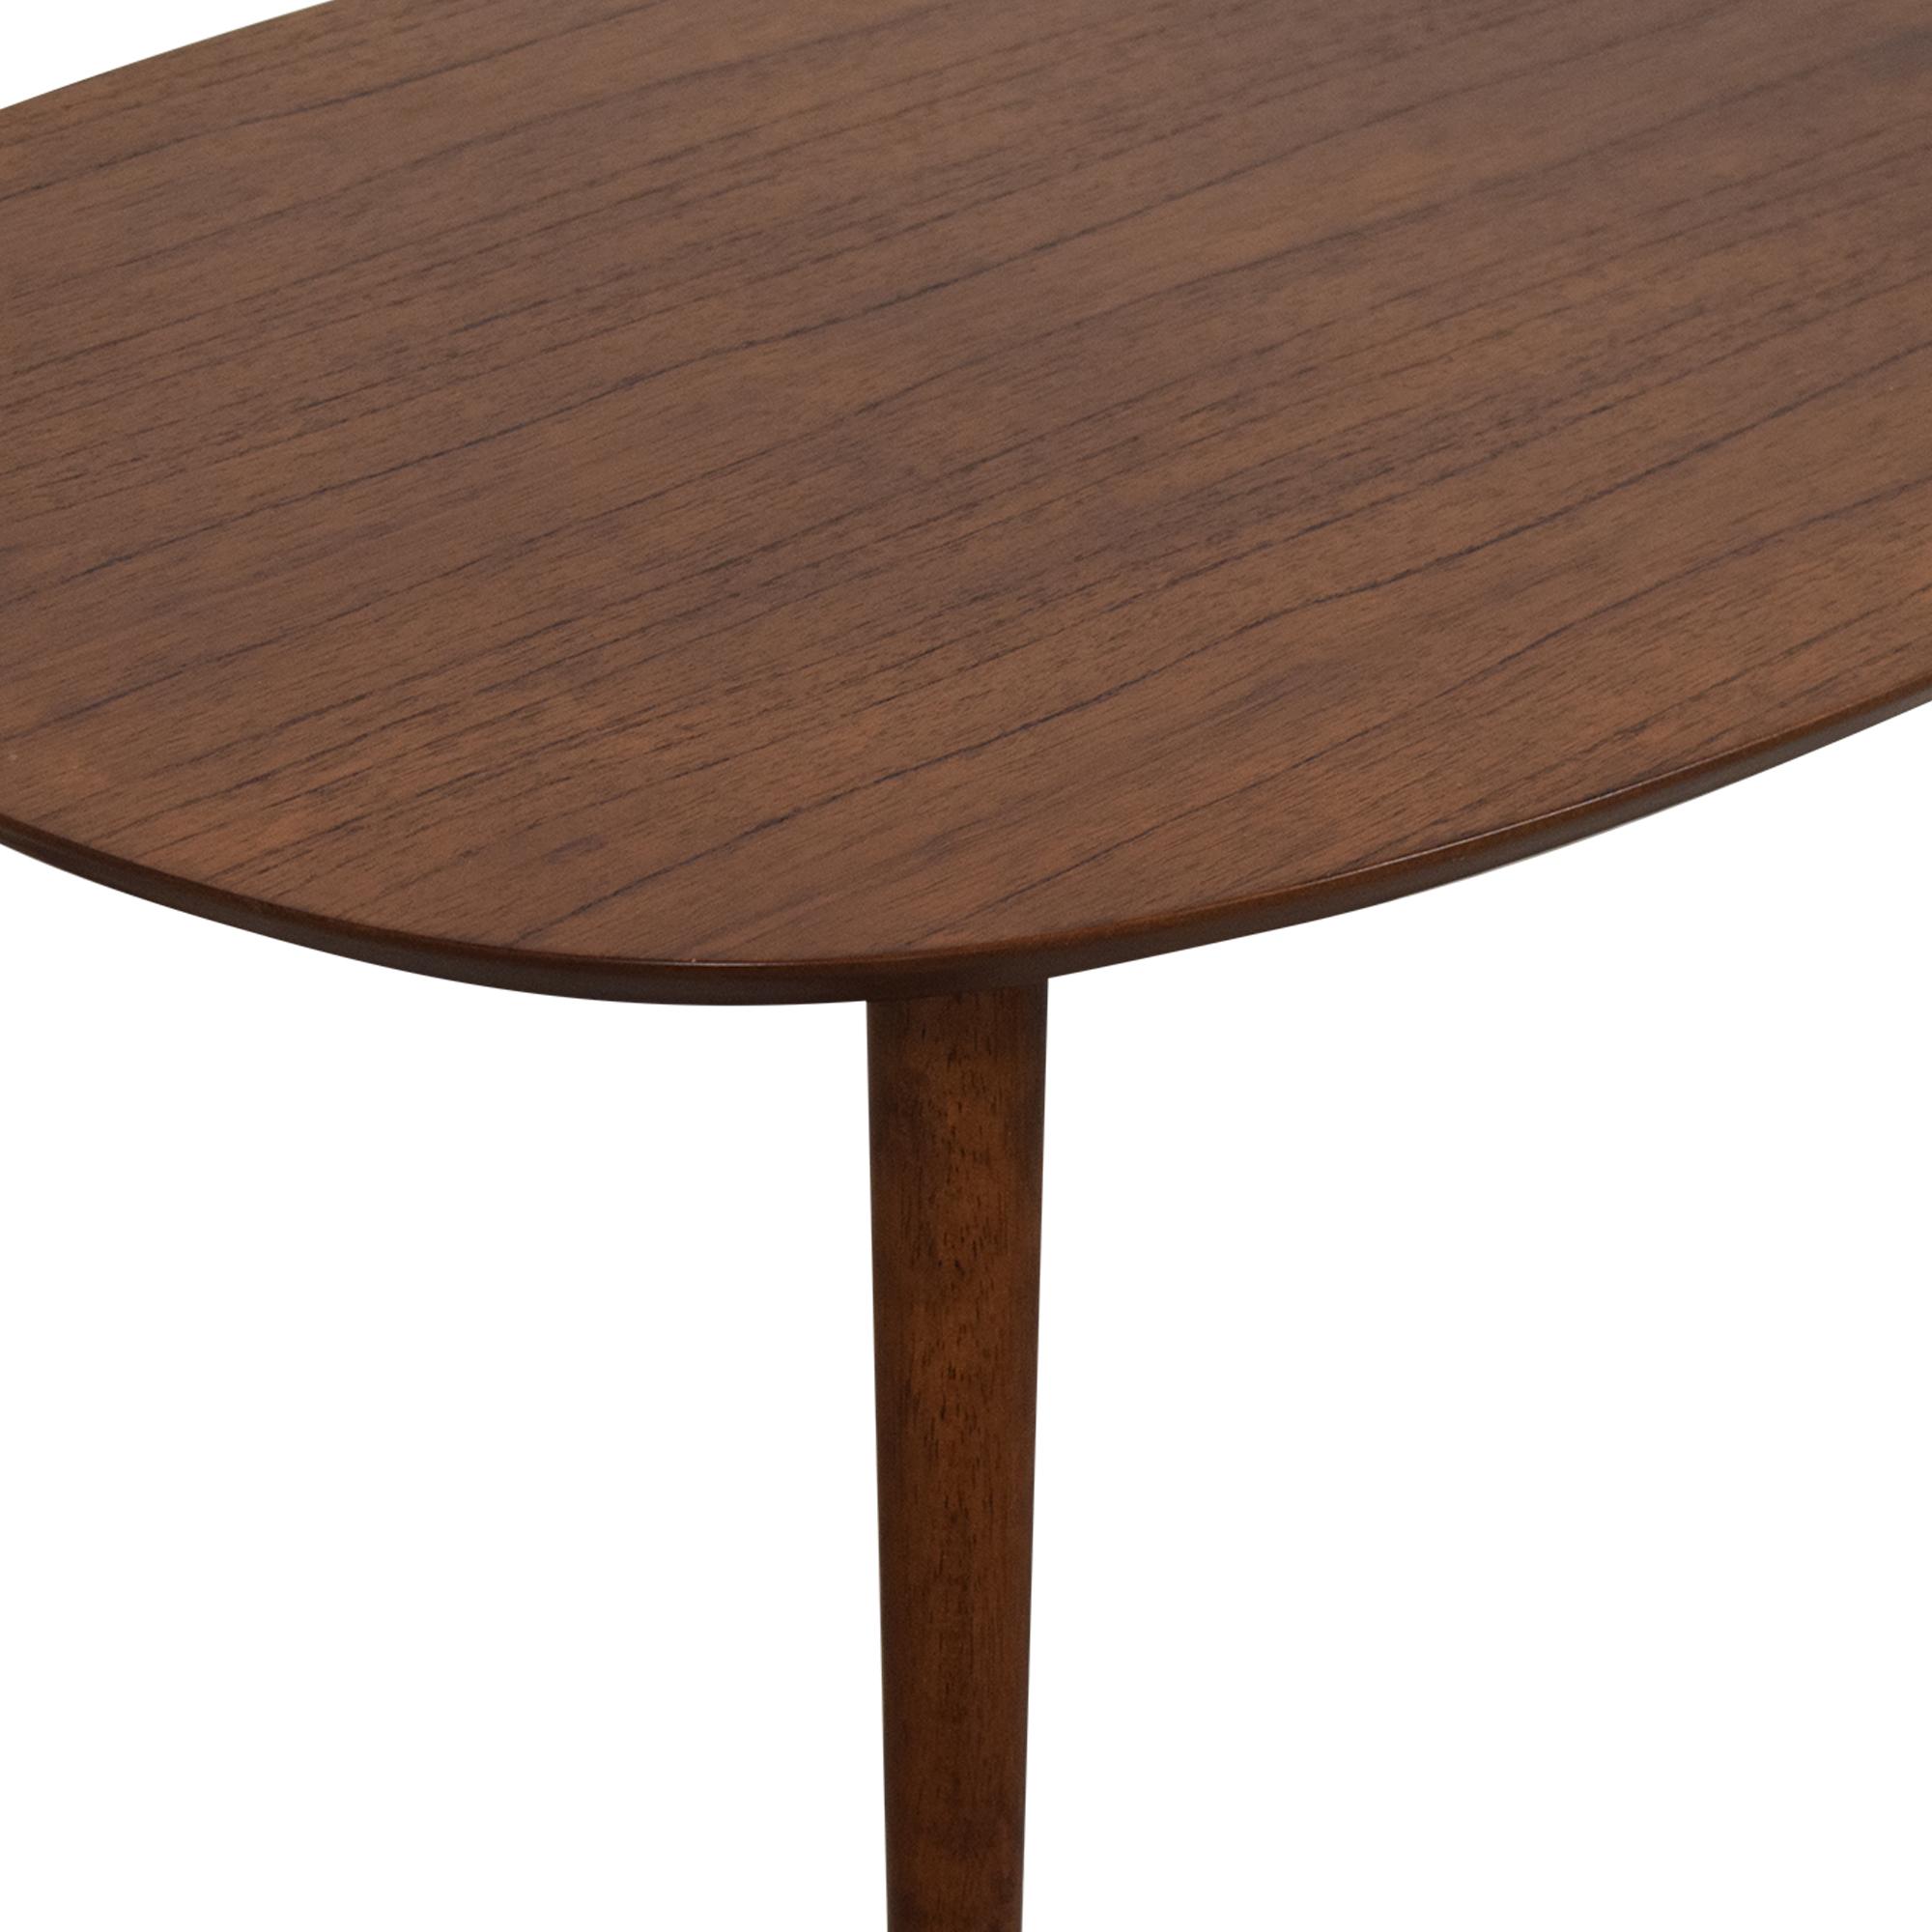 AllModern AllModern Adrianna Coffee Table used